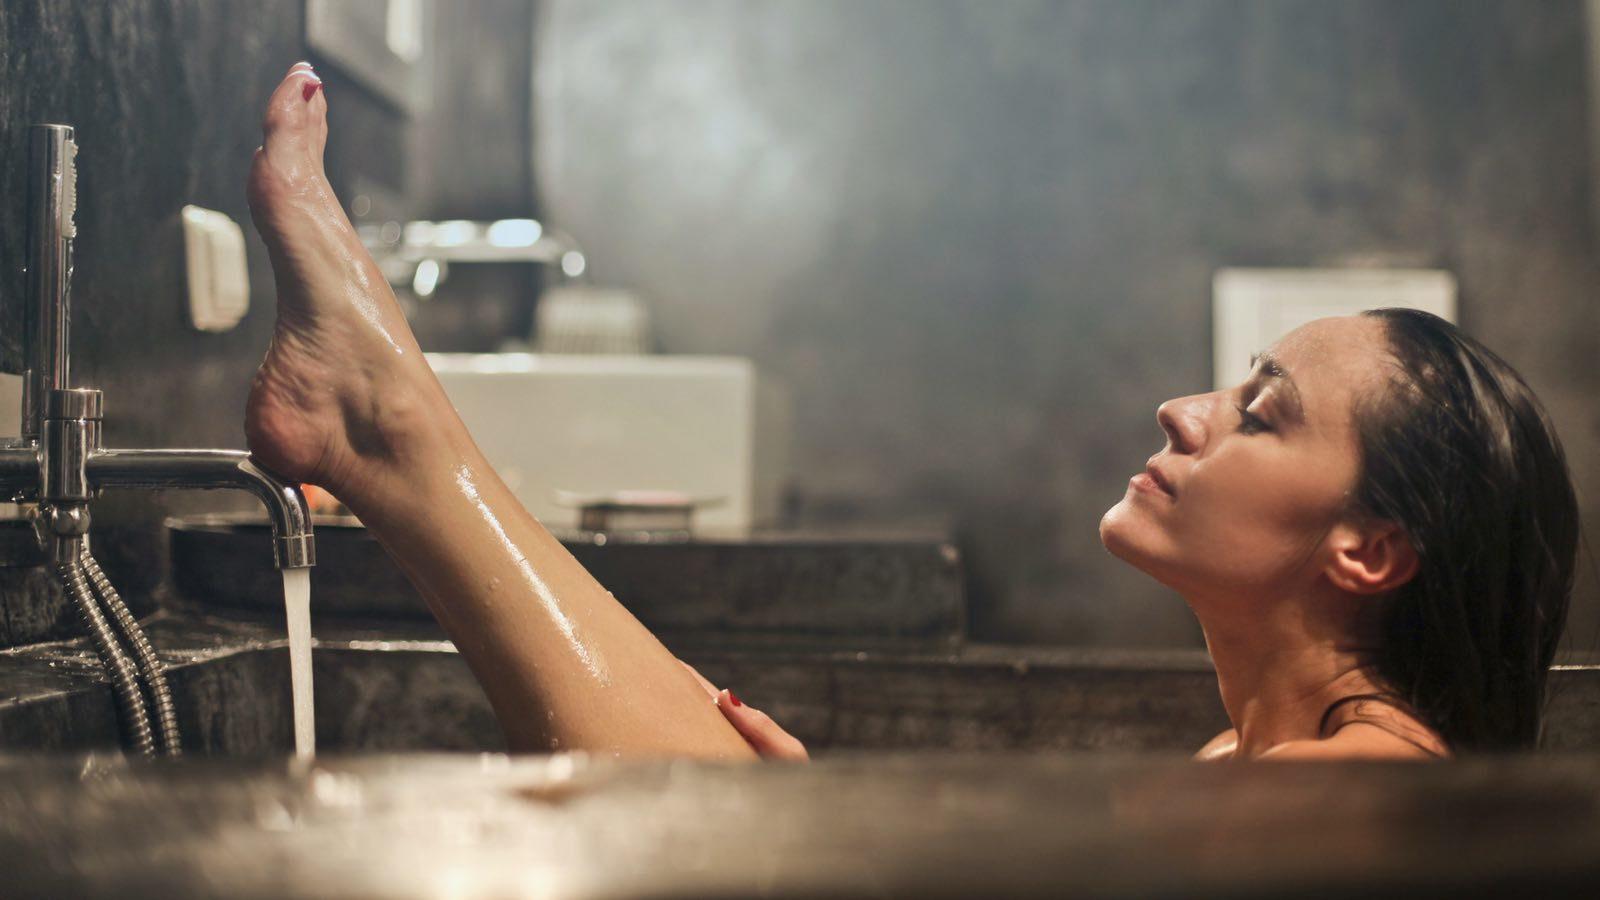 Wie Oft Solltest Du Die Haare Waschen Das Musst Du Unbedingt Wissen